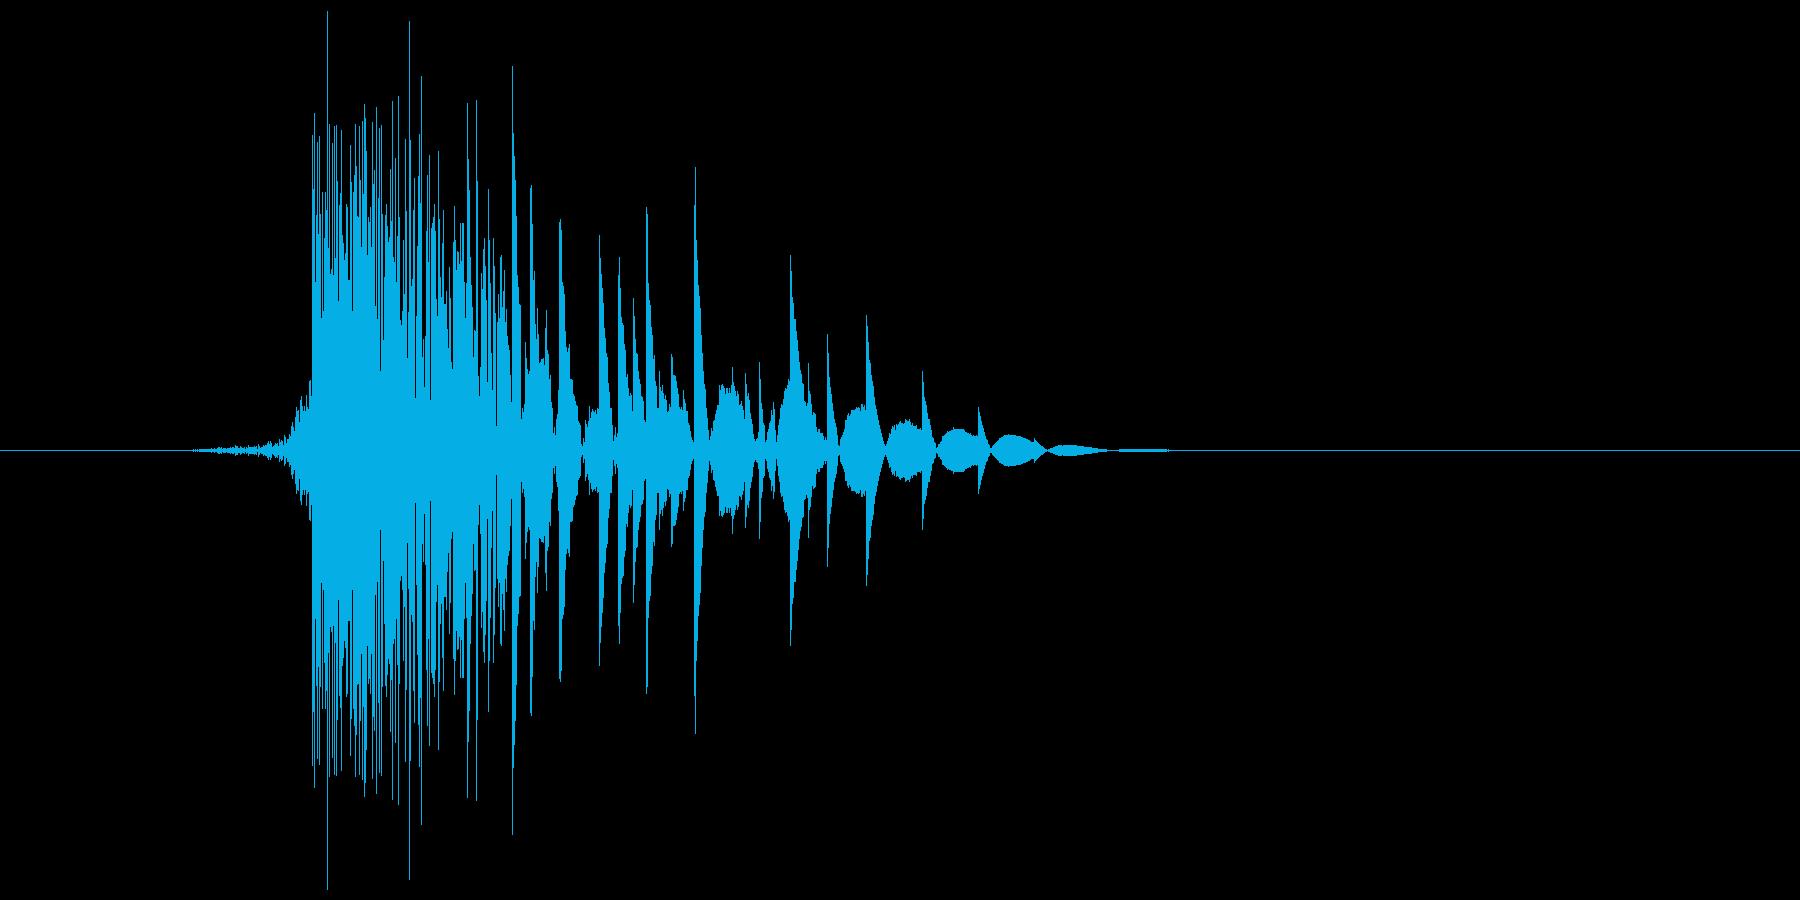 ゲーム(ファミコン風)ヒット音_007の再生済みの波形